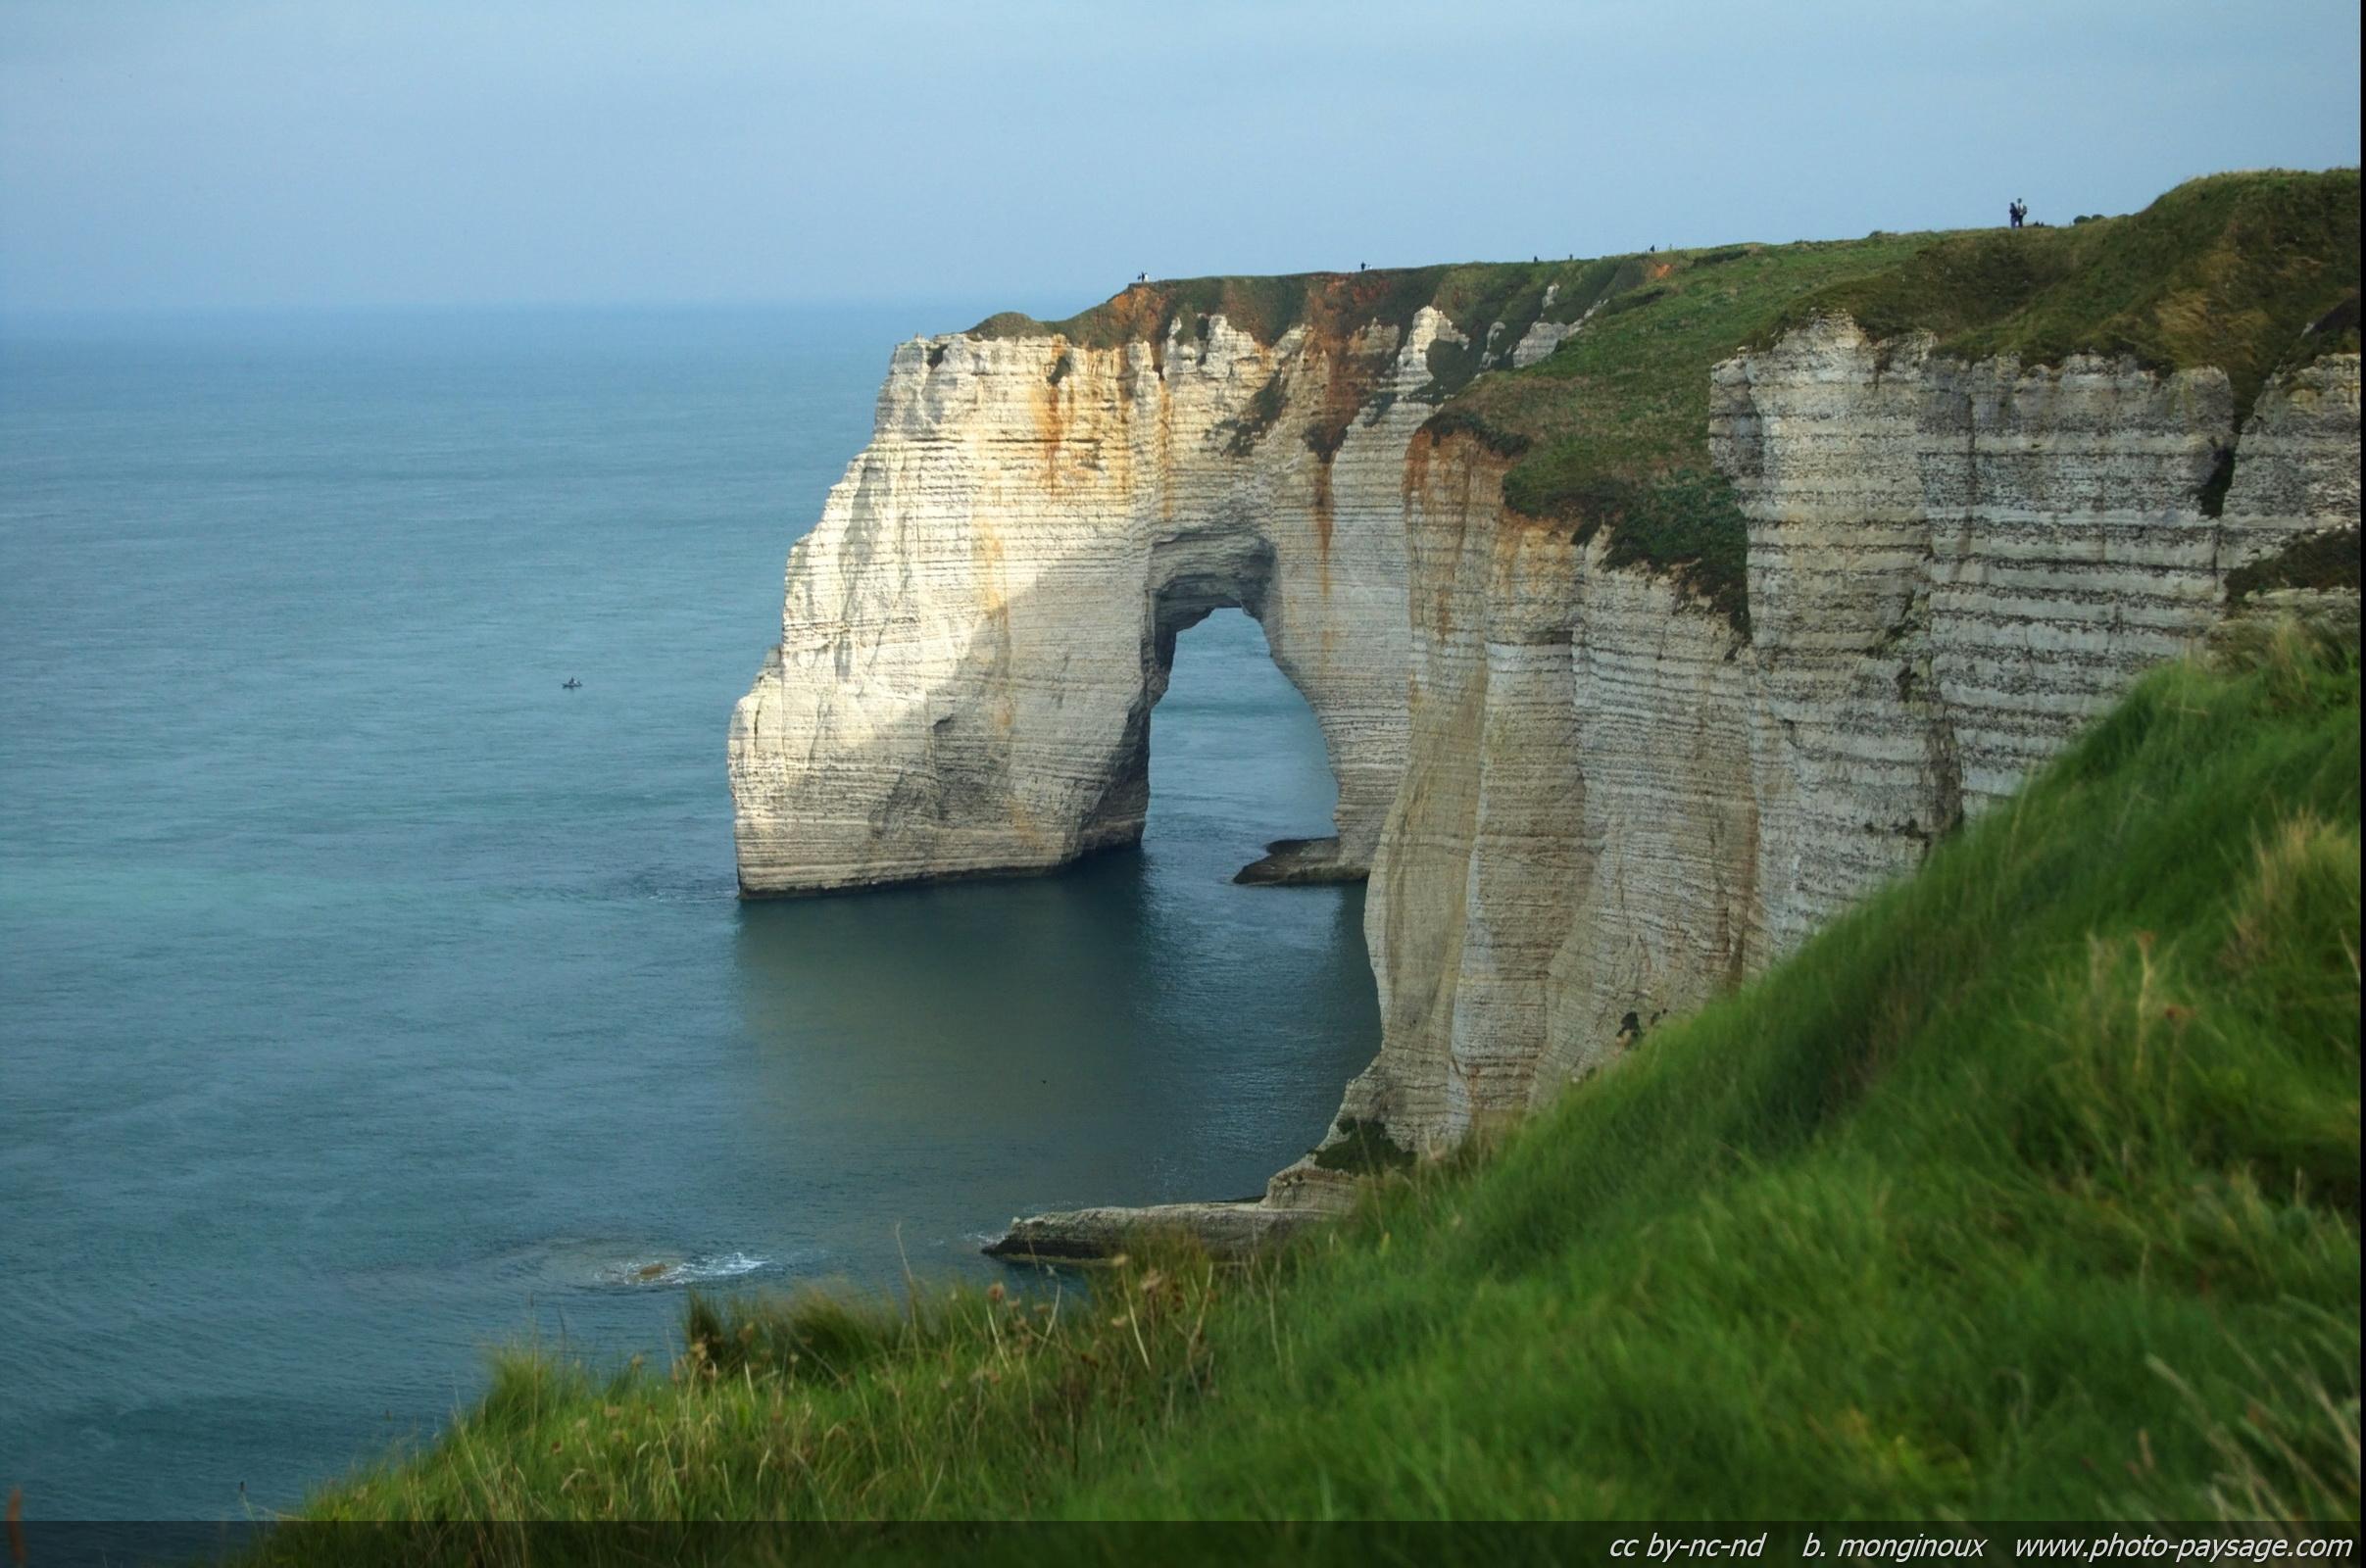 Mer le blog de photo for Les paysages